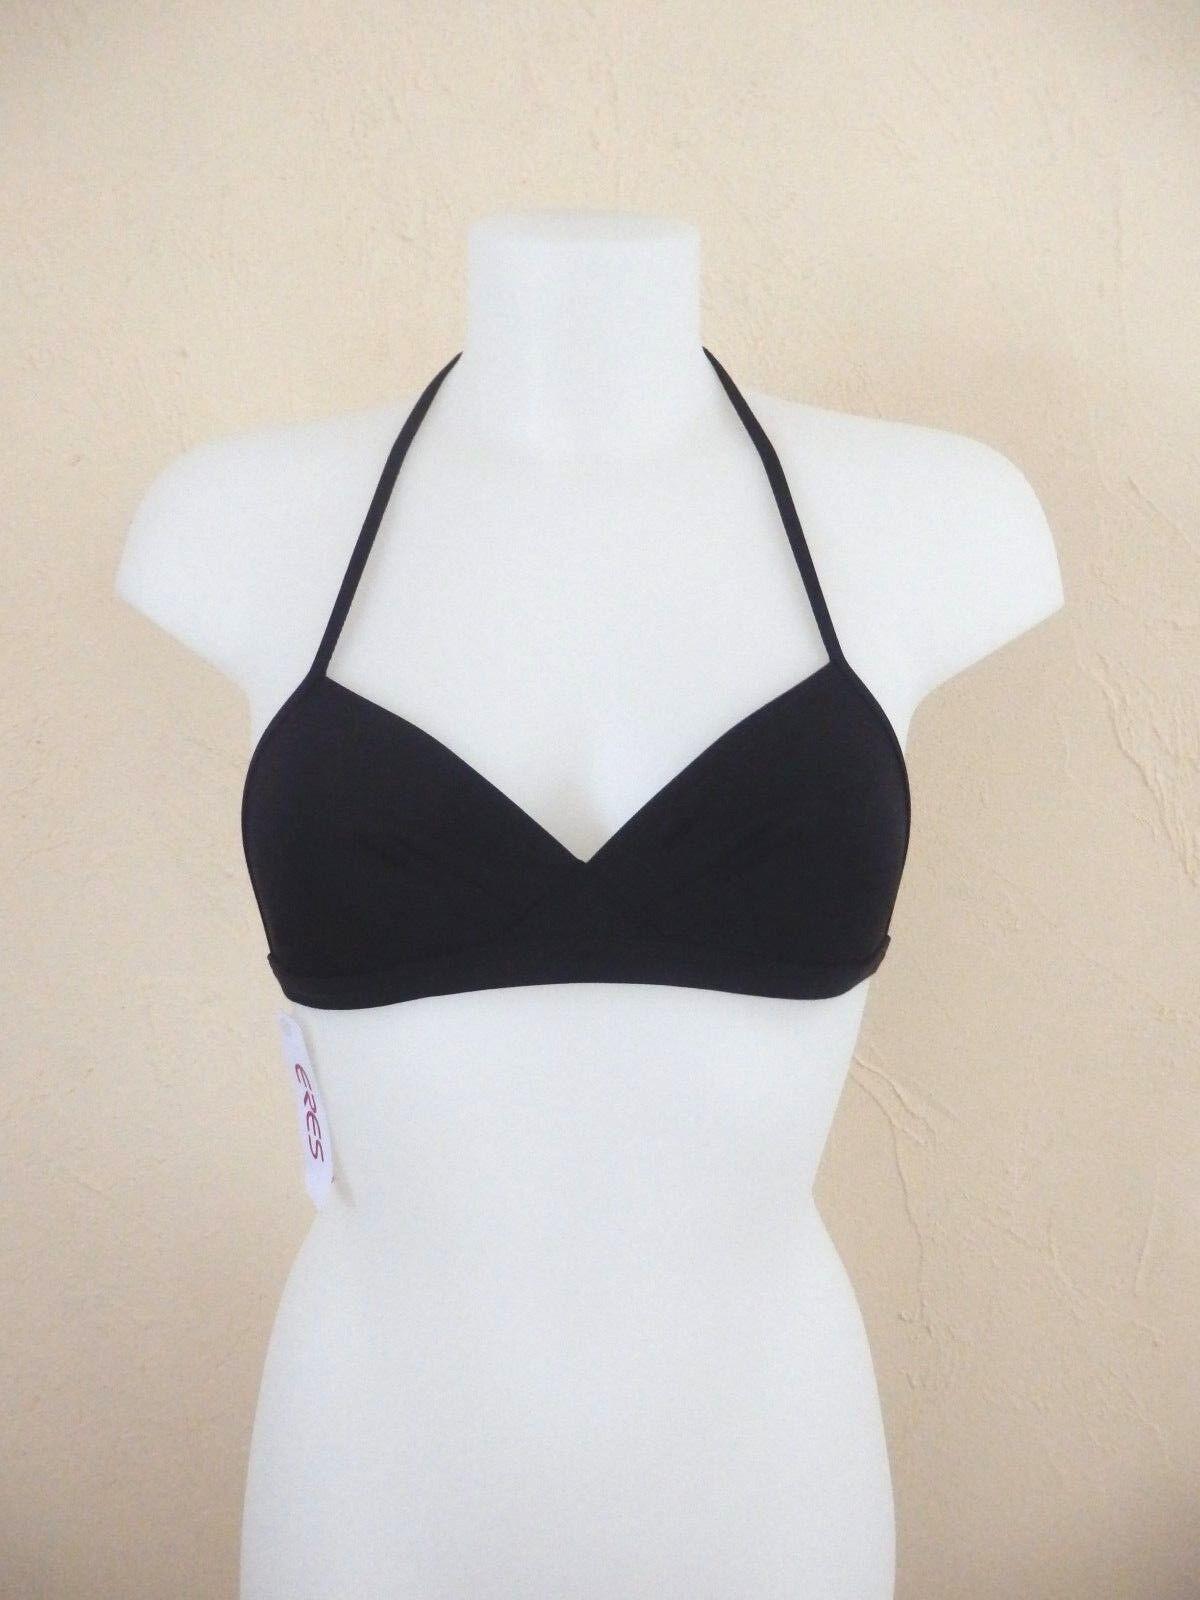 """Eres - Bikini Oberteil """" Wanda Duni  """" - T.36 38 ,Neu,negro - Sitzgelegenheiten  Mercancía de alta calidad y servicio conveniente y honesto."""